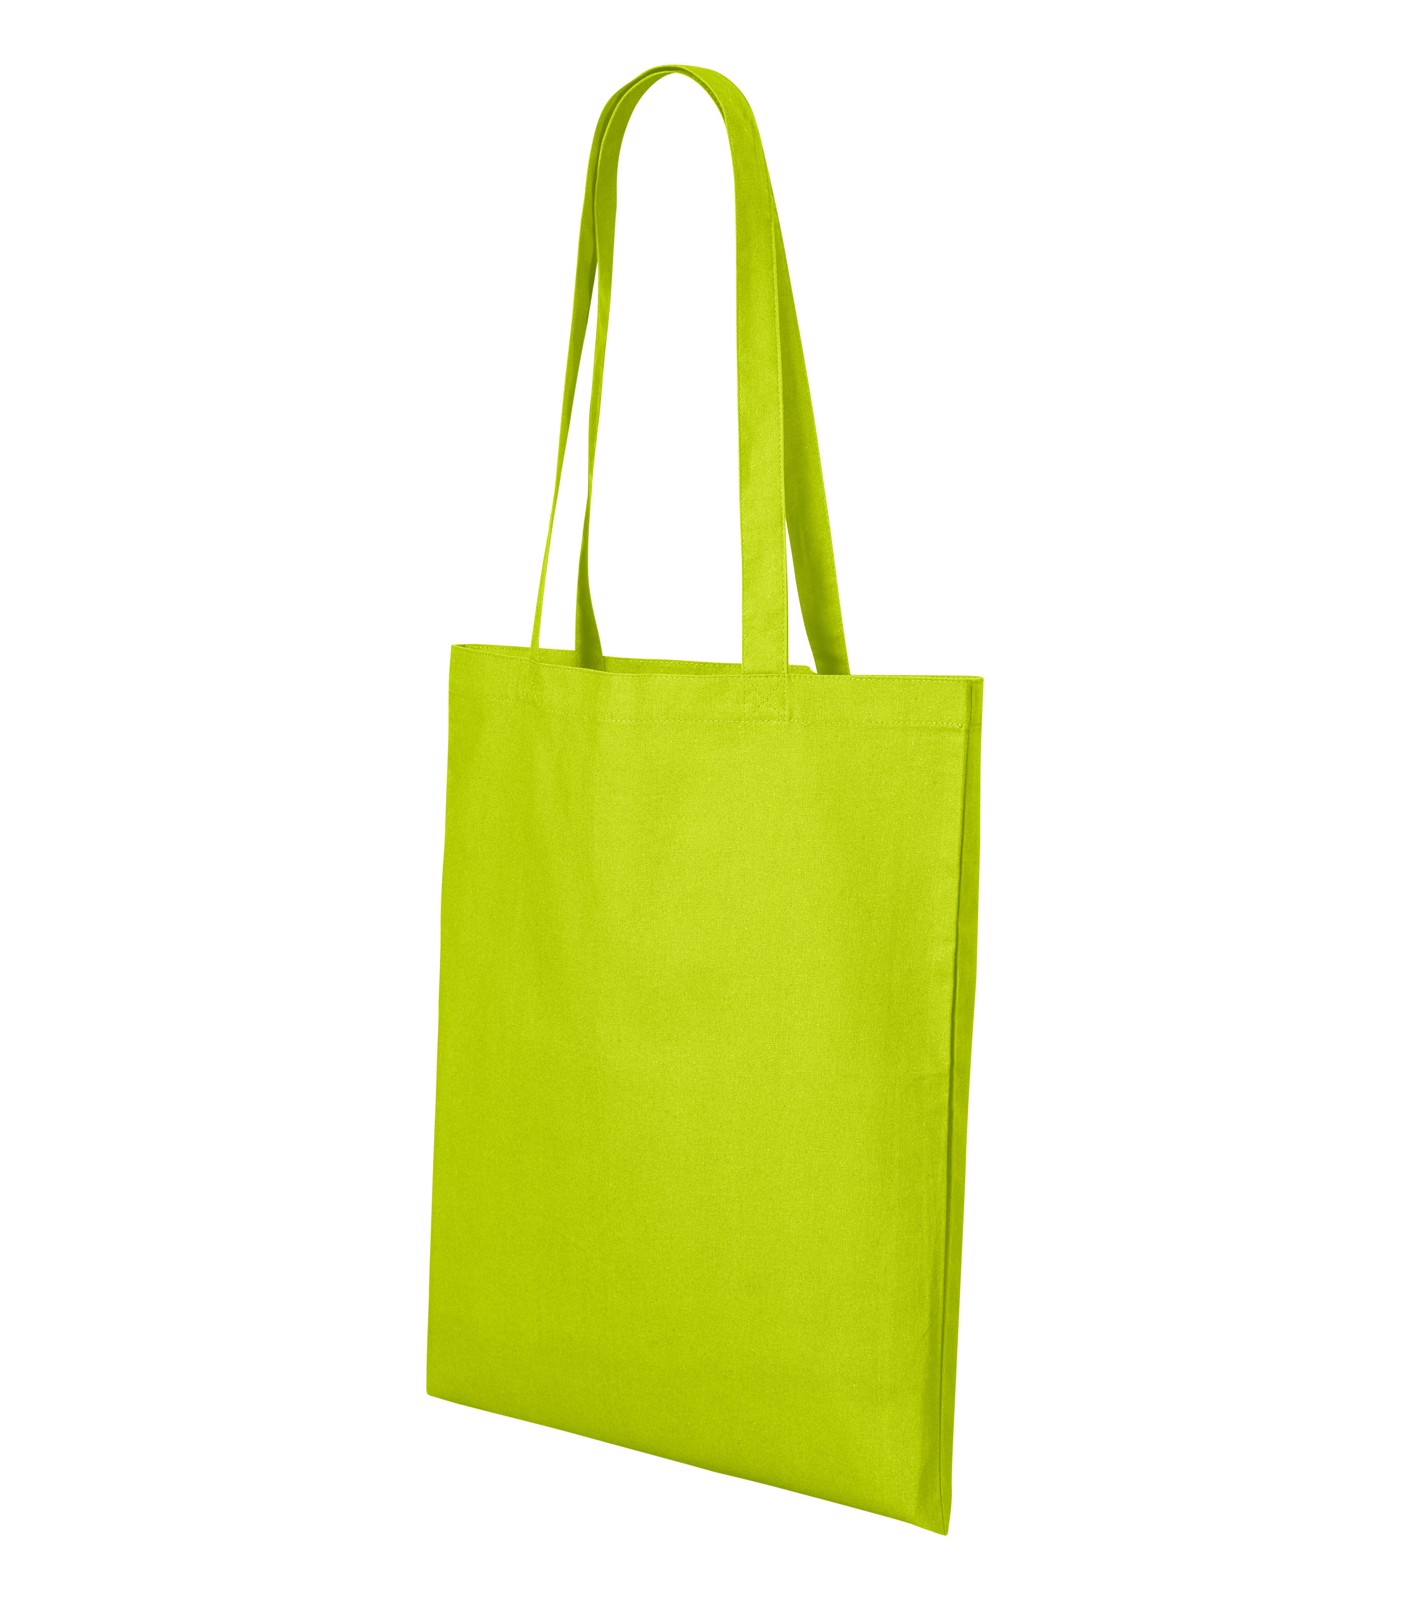 Nákupní taška unisex Malfini Shopper - Limetková / uni